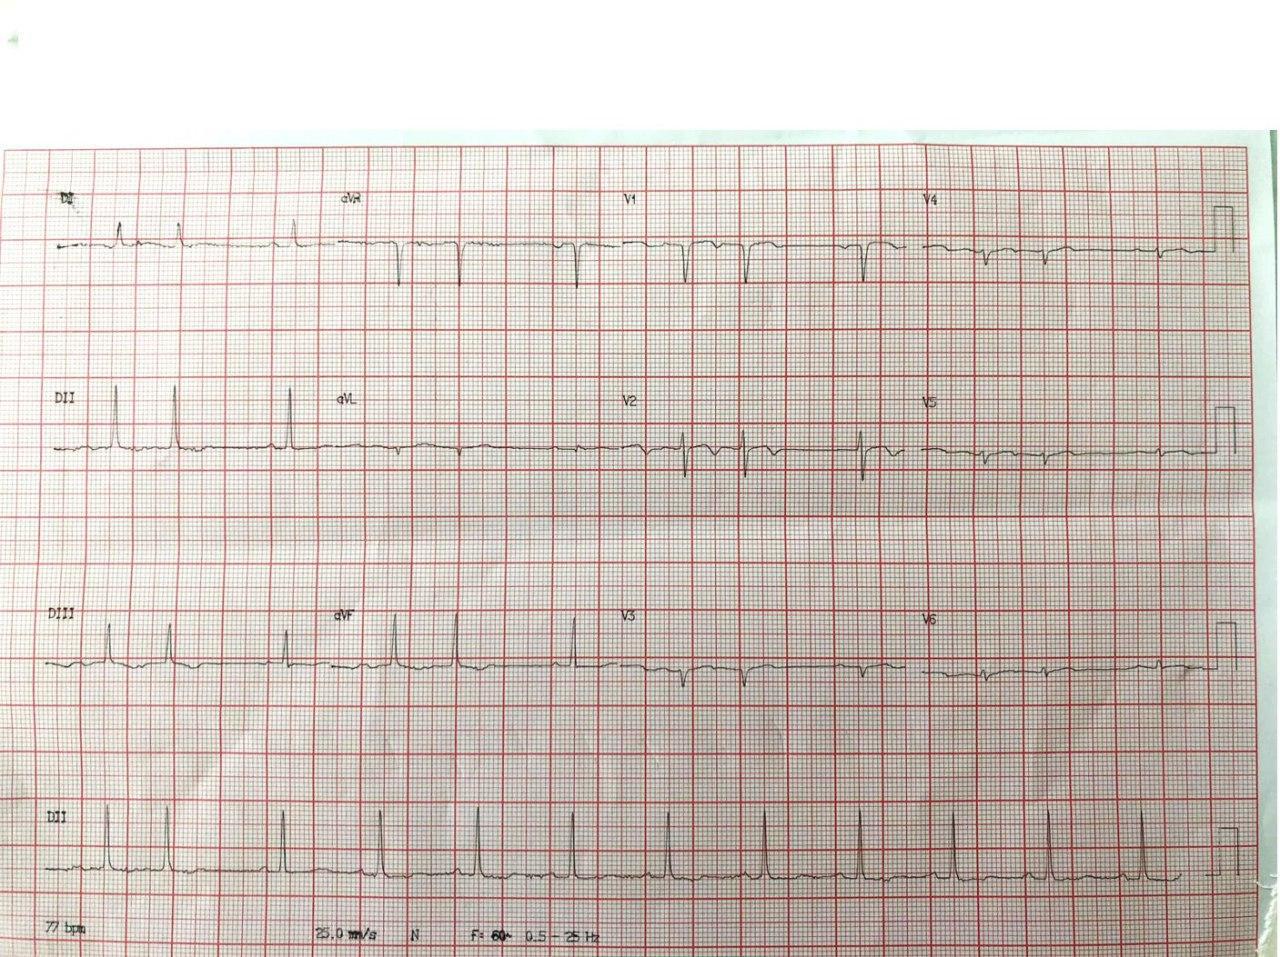 Mujer de 77 años, hipertensa y diabética que manifiesta disnea paroxística nocturna como único síntoma y que presenta una suboclusión en la DA